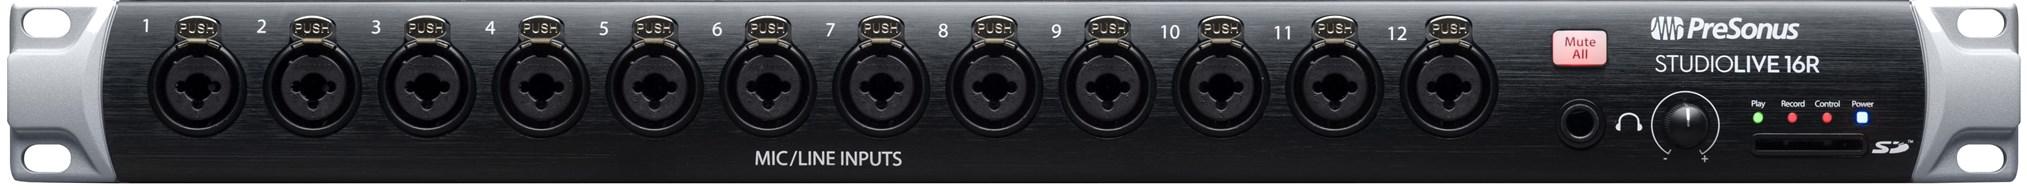 Presonus SL16R Studiolive Series III Rack Mount Mixer